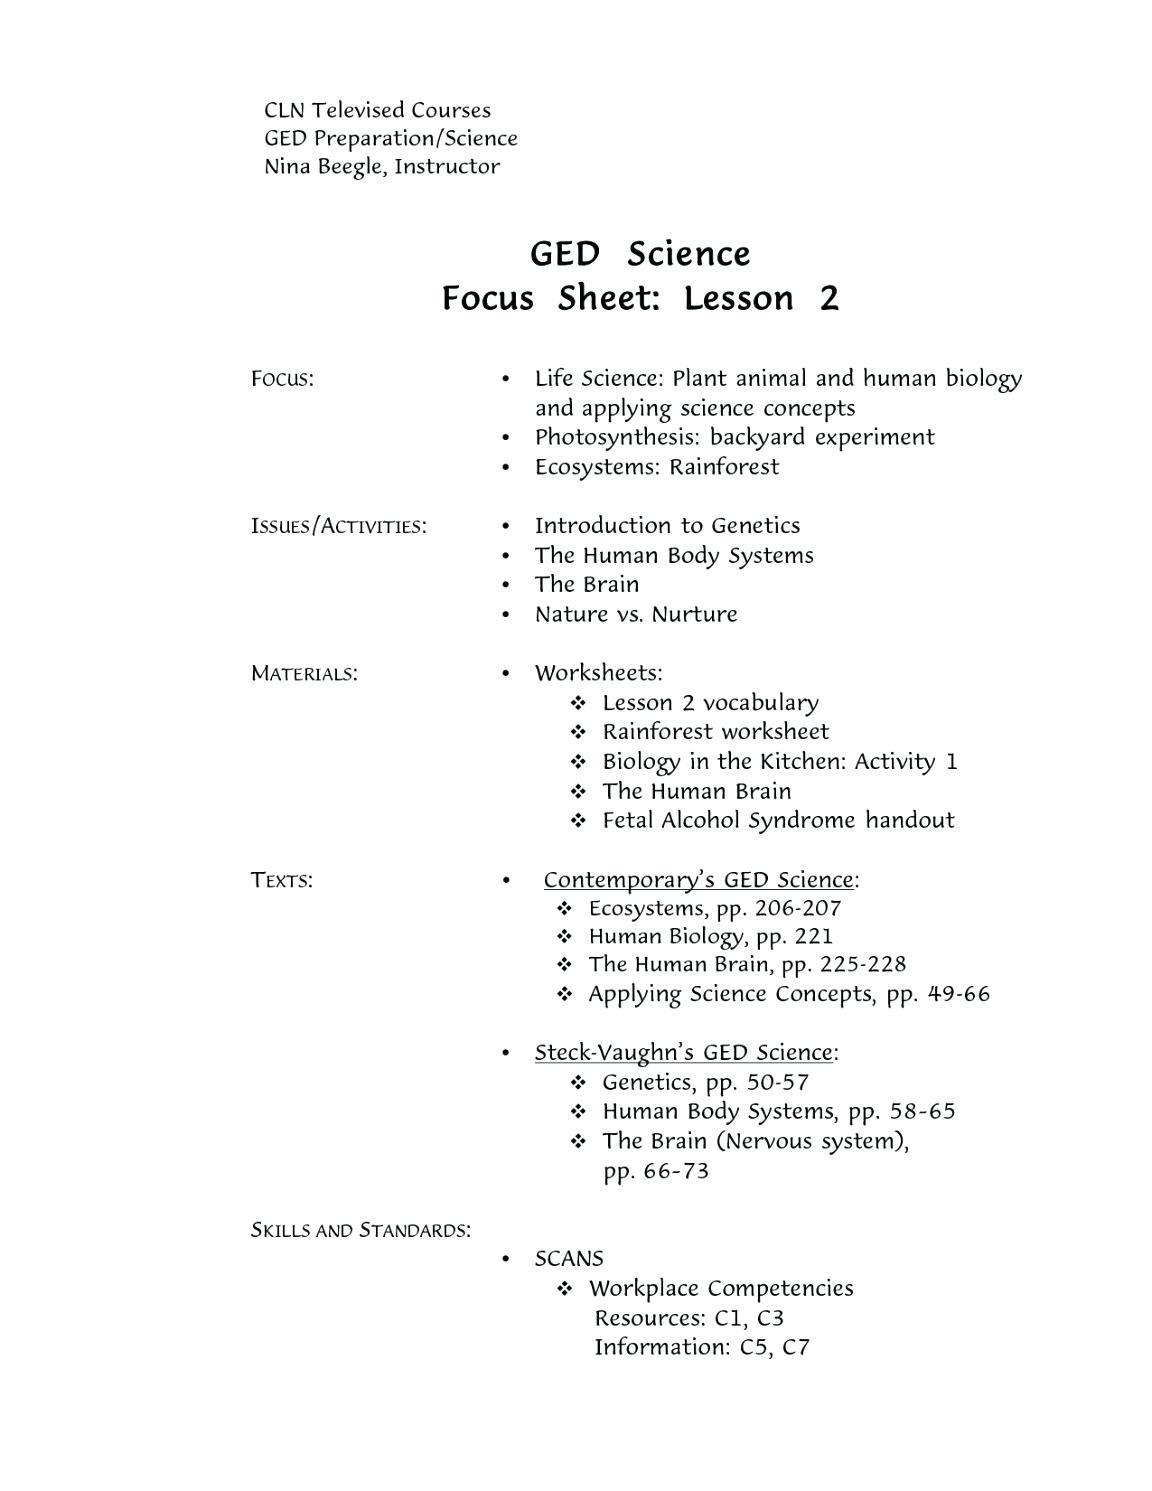 Free Printable Ged Science Worksheets